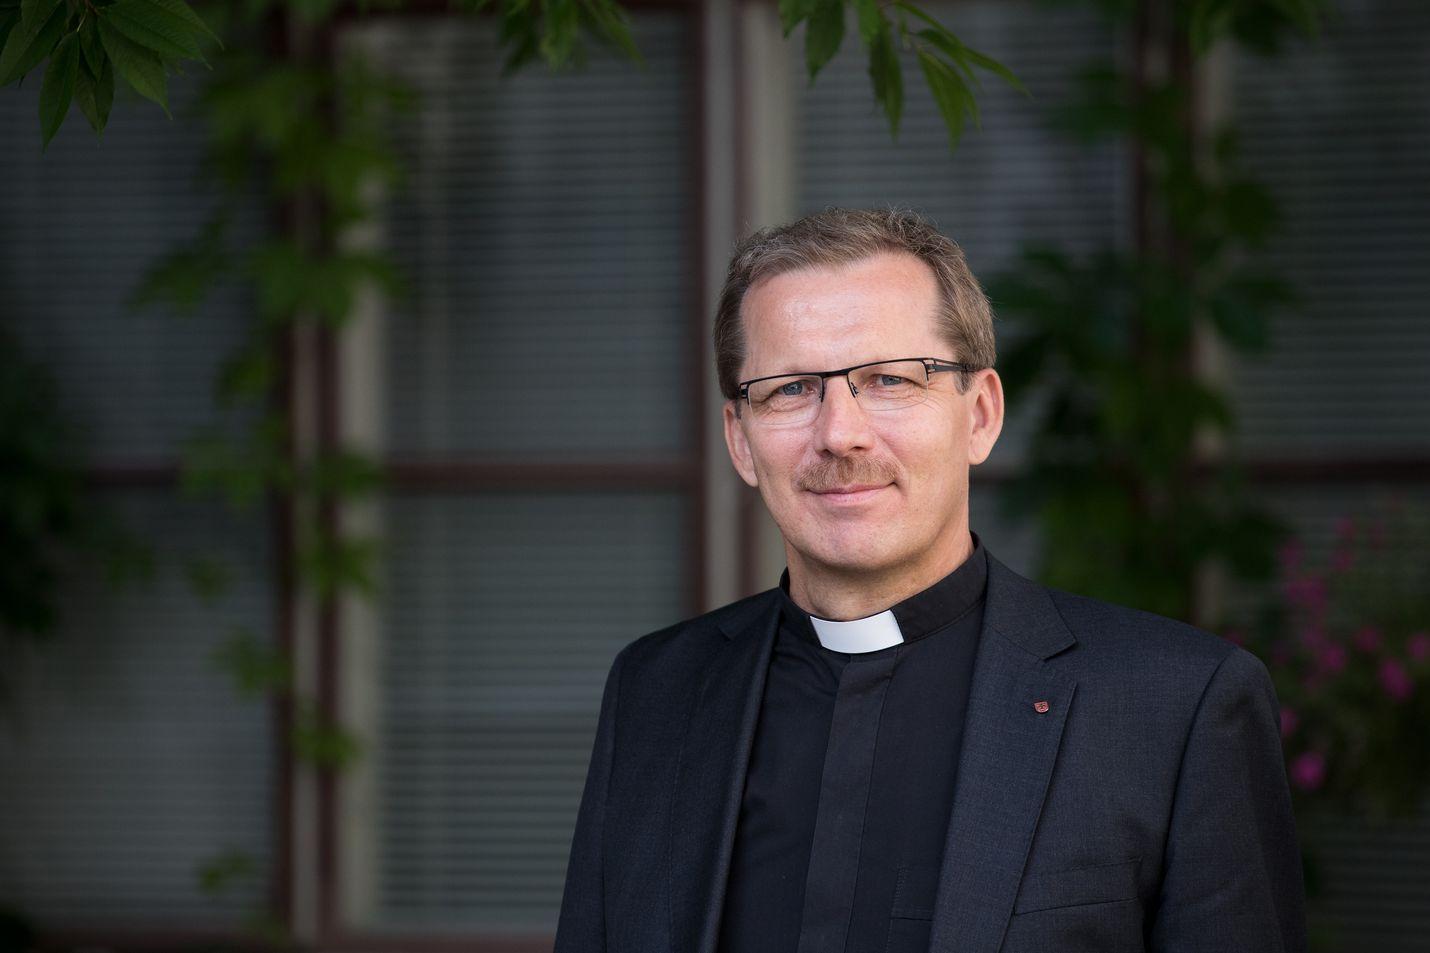 Oulun hiippakunnan piispa Jukka Keskitalo sanoo, että Oulussa nuorten ja lasten turvallisuuden tunnetta vahvistetaan parhaiten kodeissa. Seksuaalirikokset herättävät voimakkaita tunteita, vihaa ja pettymystä, joista on keskusteltava avoimesti ja rehellisesti.